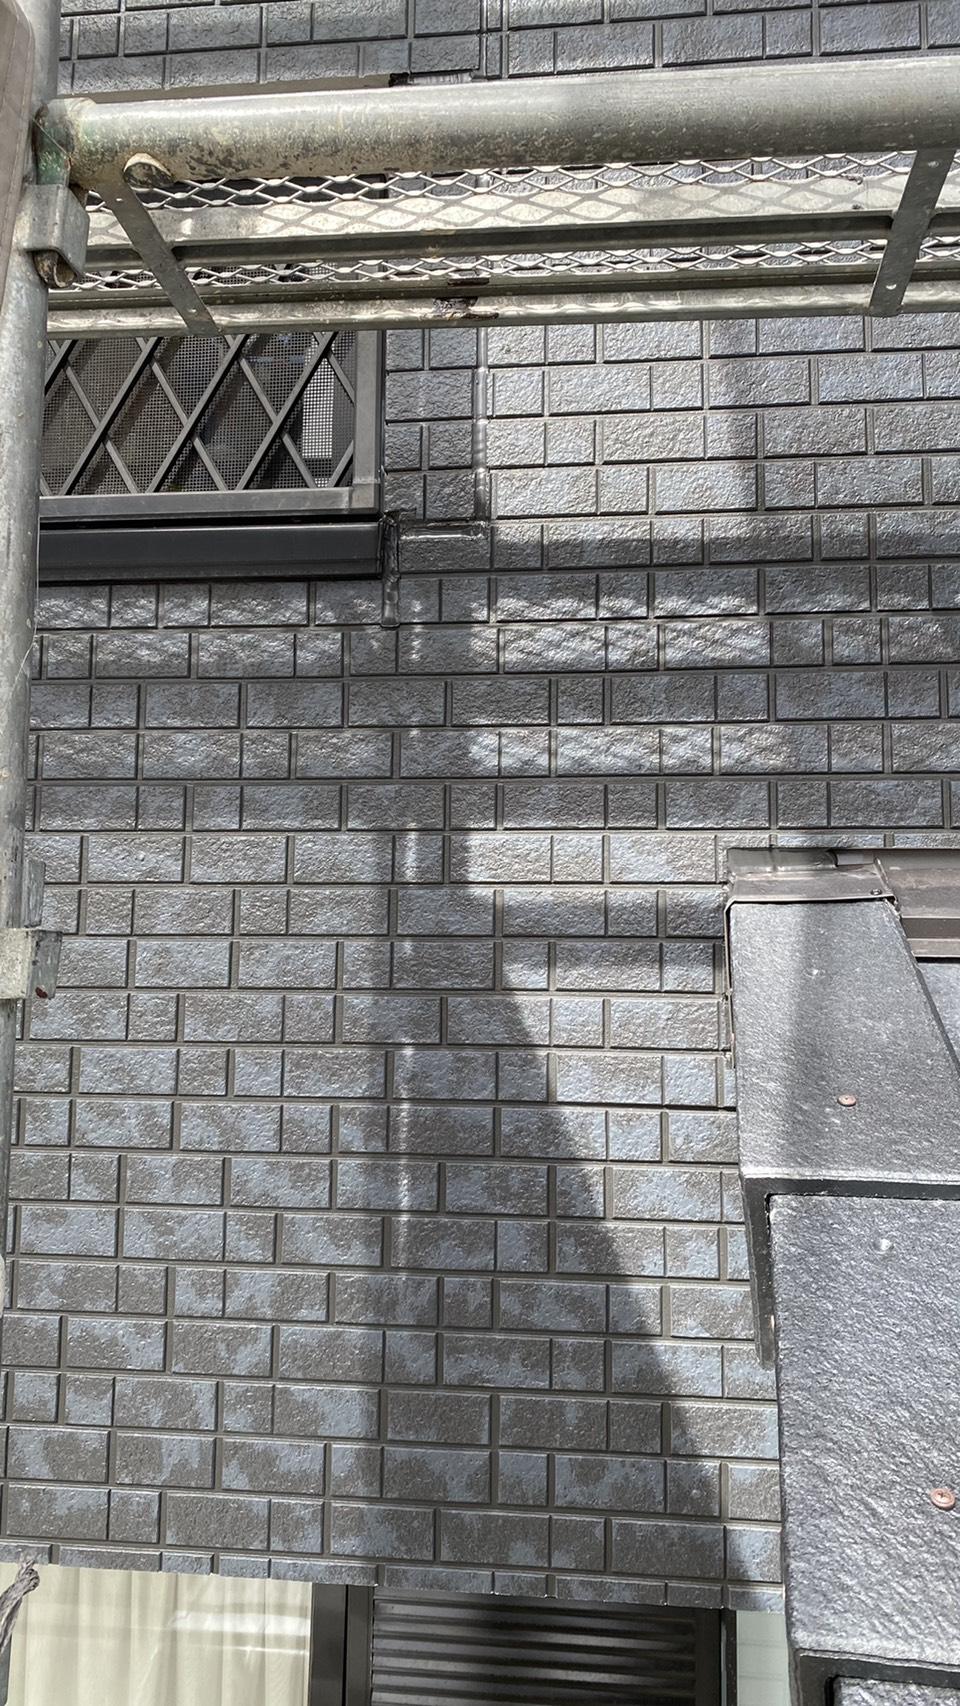 ベランダのサイディングを張り替えた下屋根との収まり